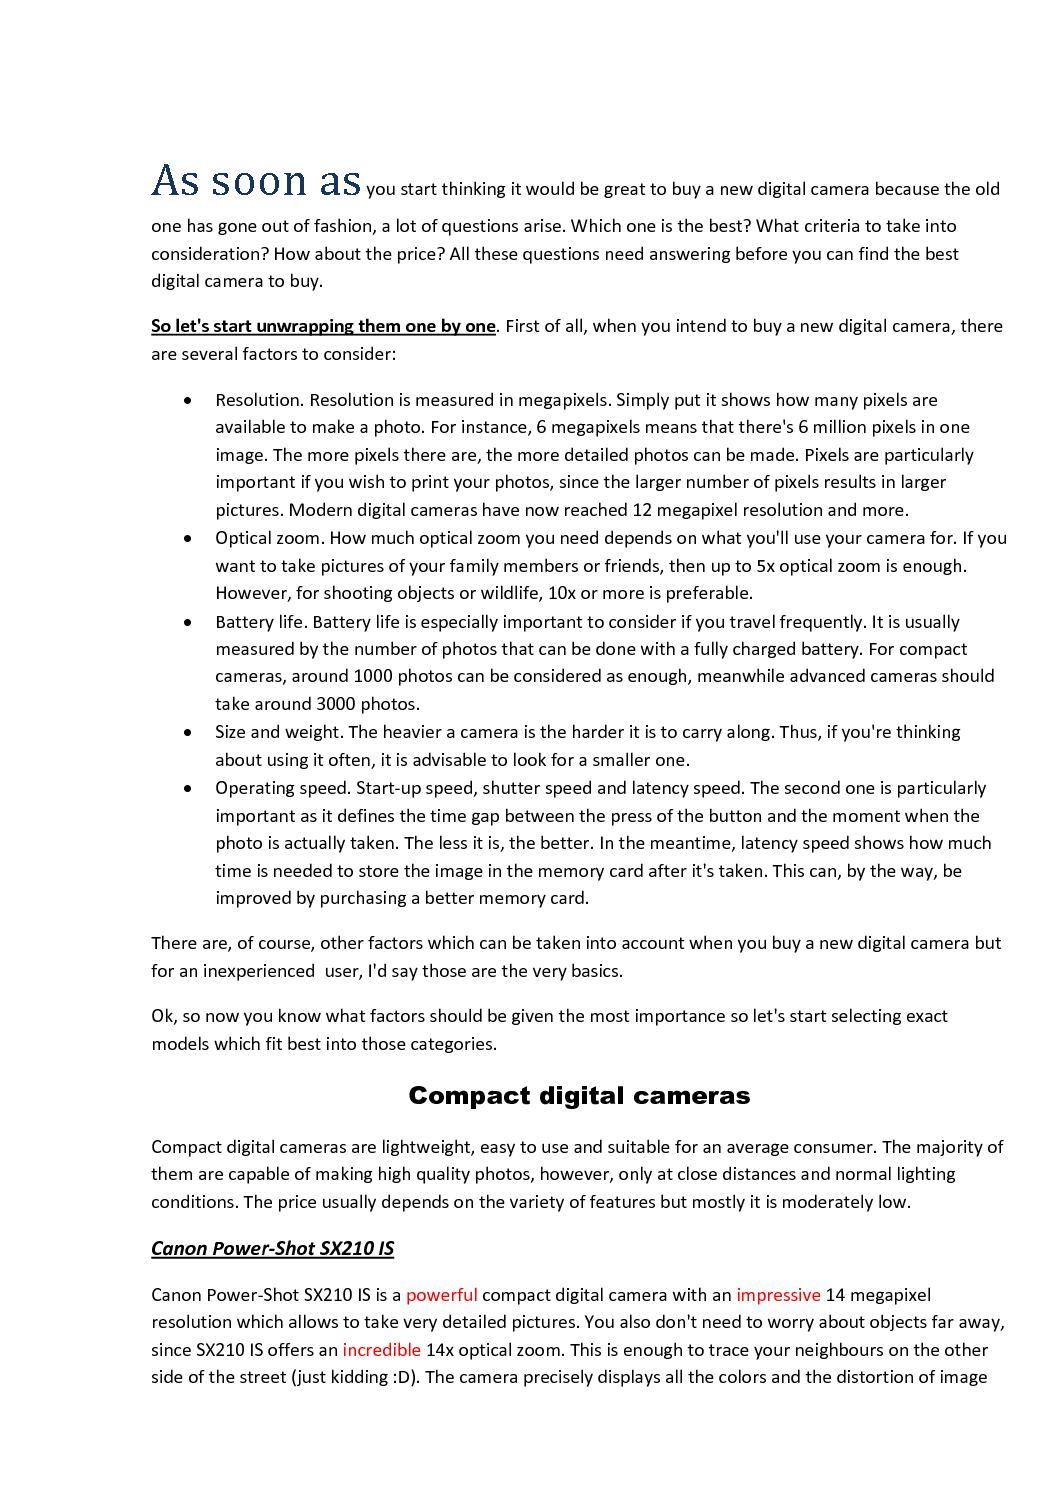 Calaméo - Digital Cameras Review